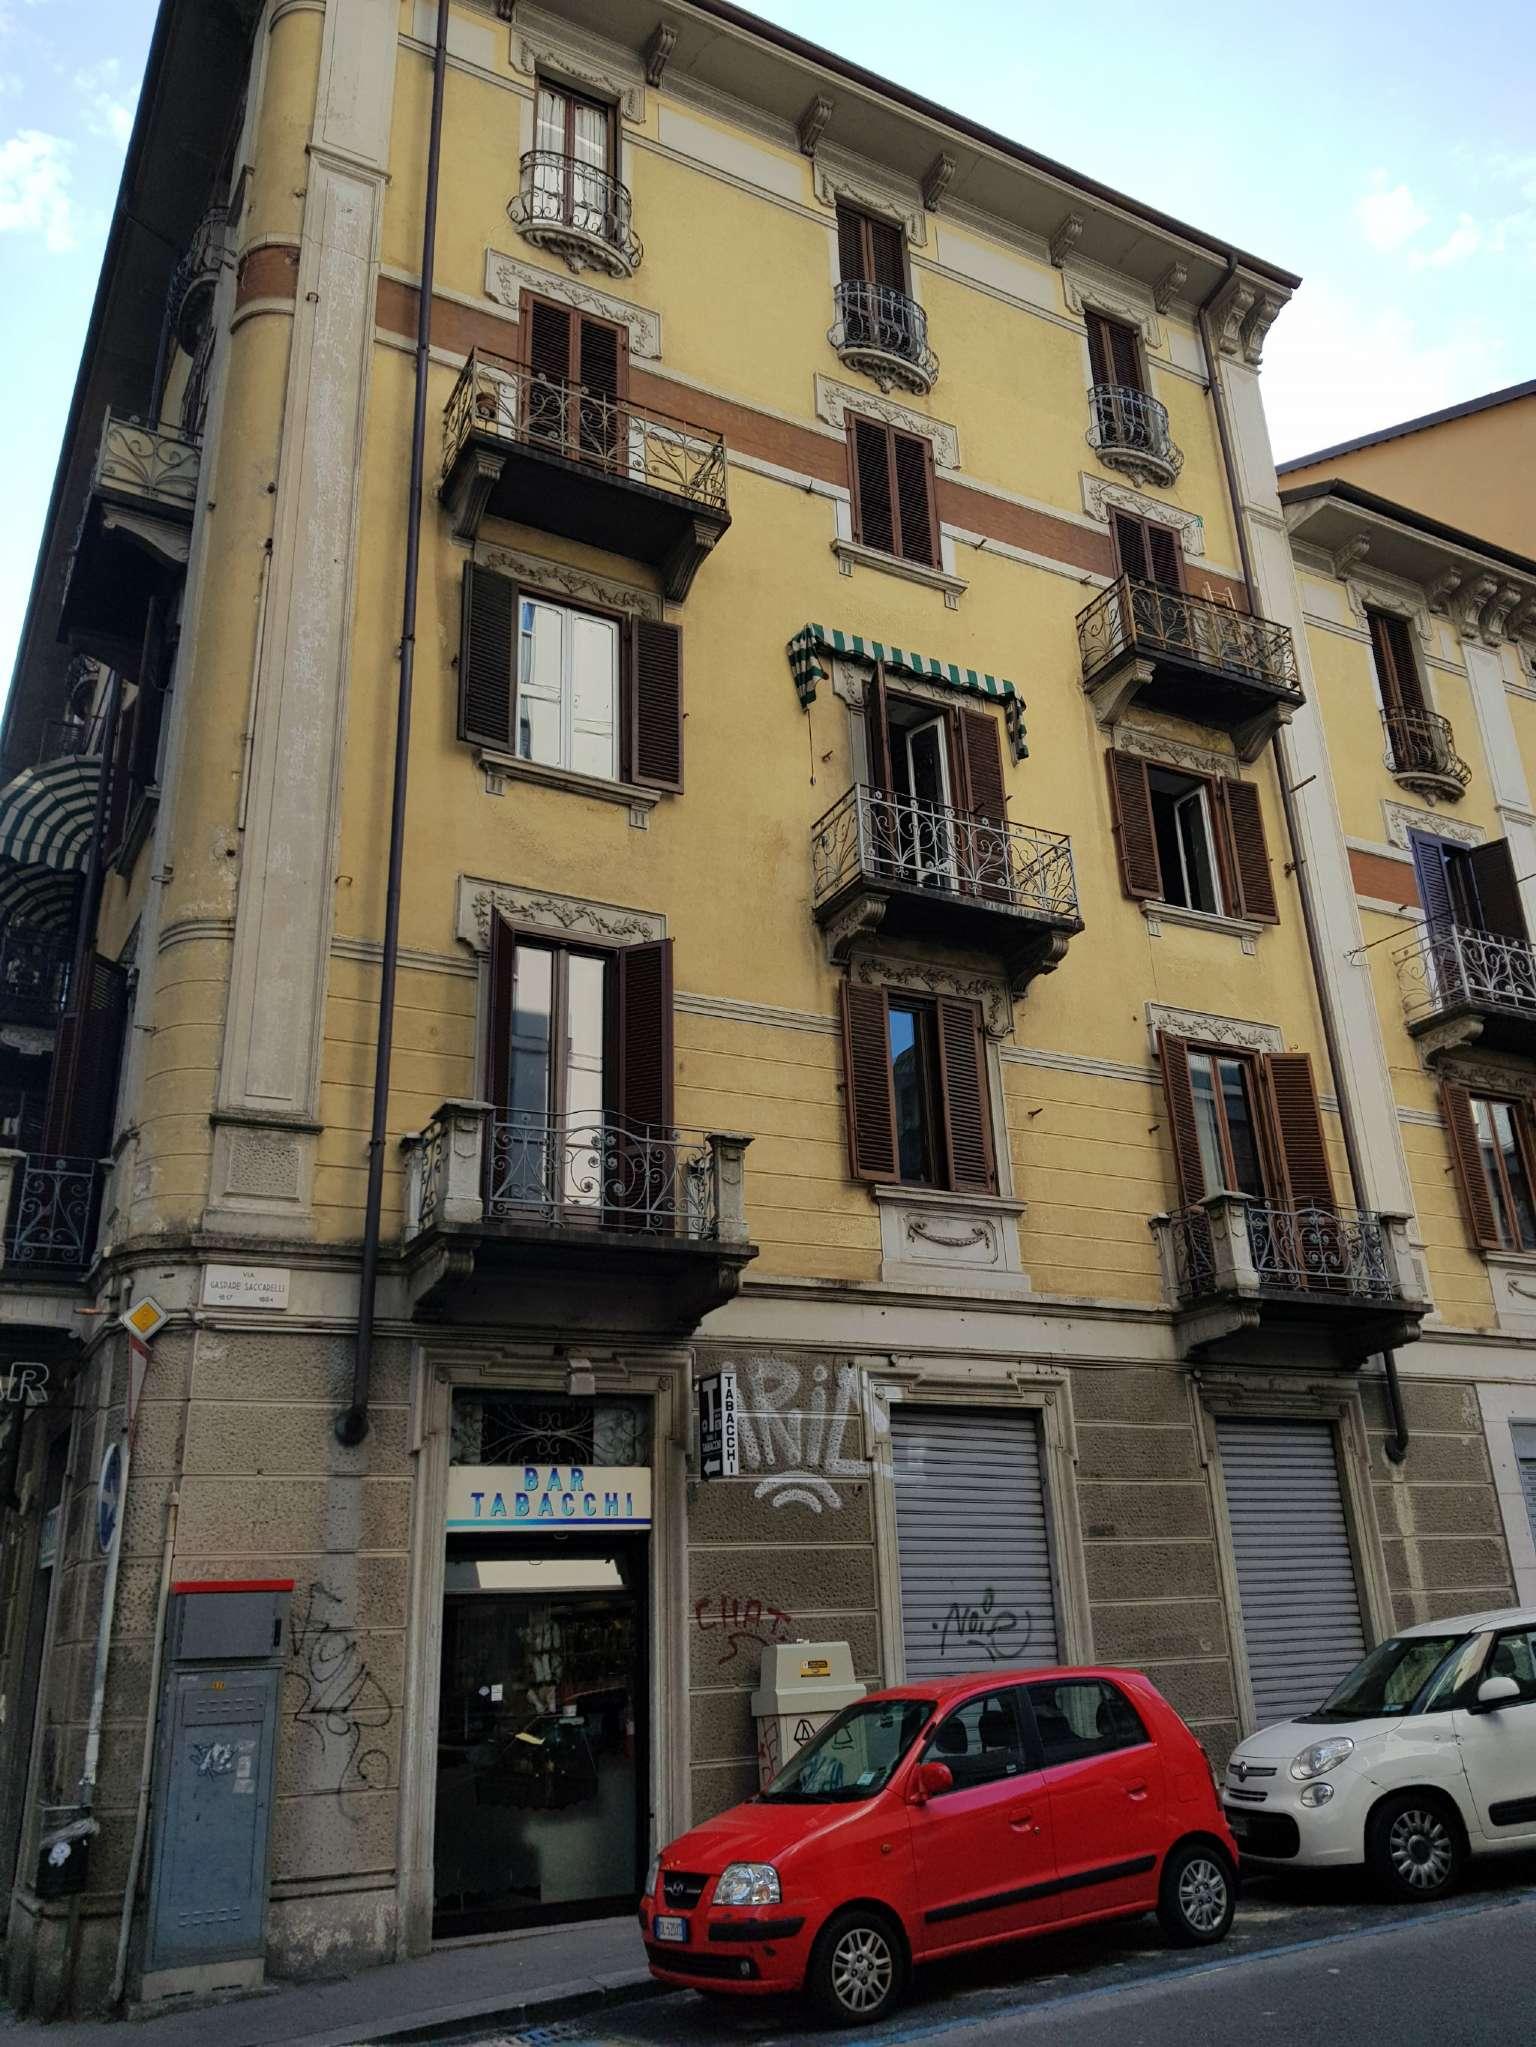 Affitto - Negozio - Torino - SAN DONATO AFFITTO NEGOZIO ? 500